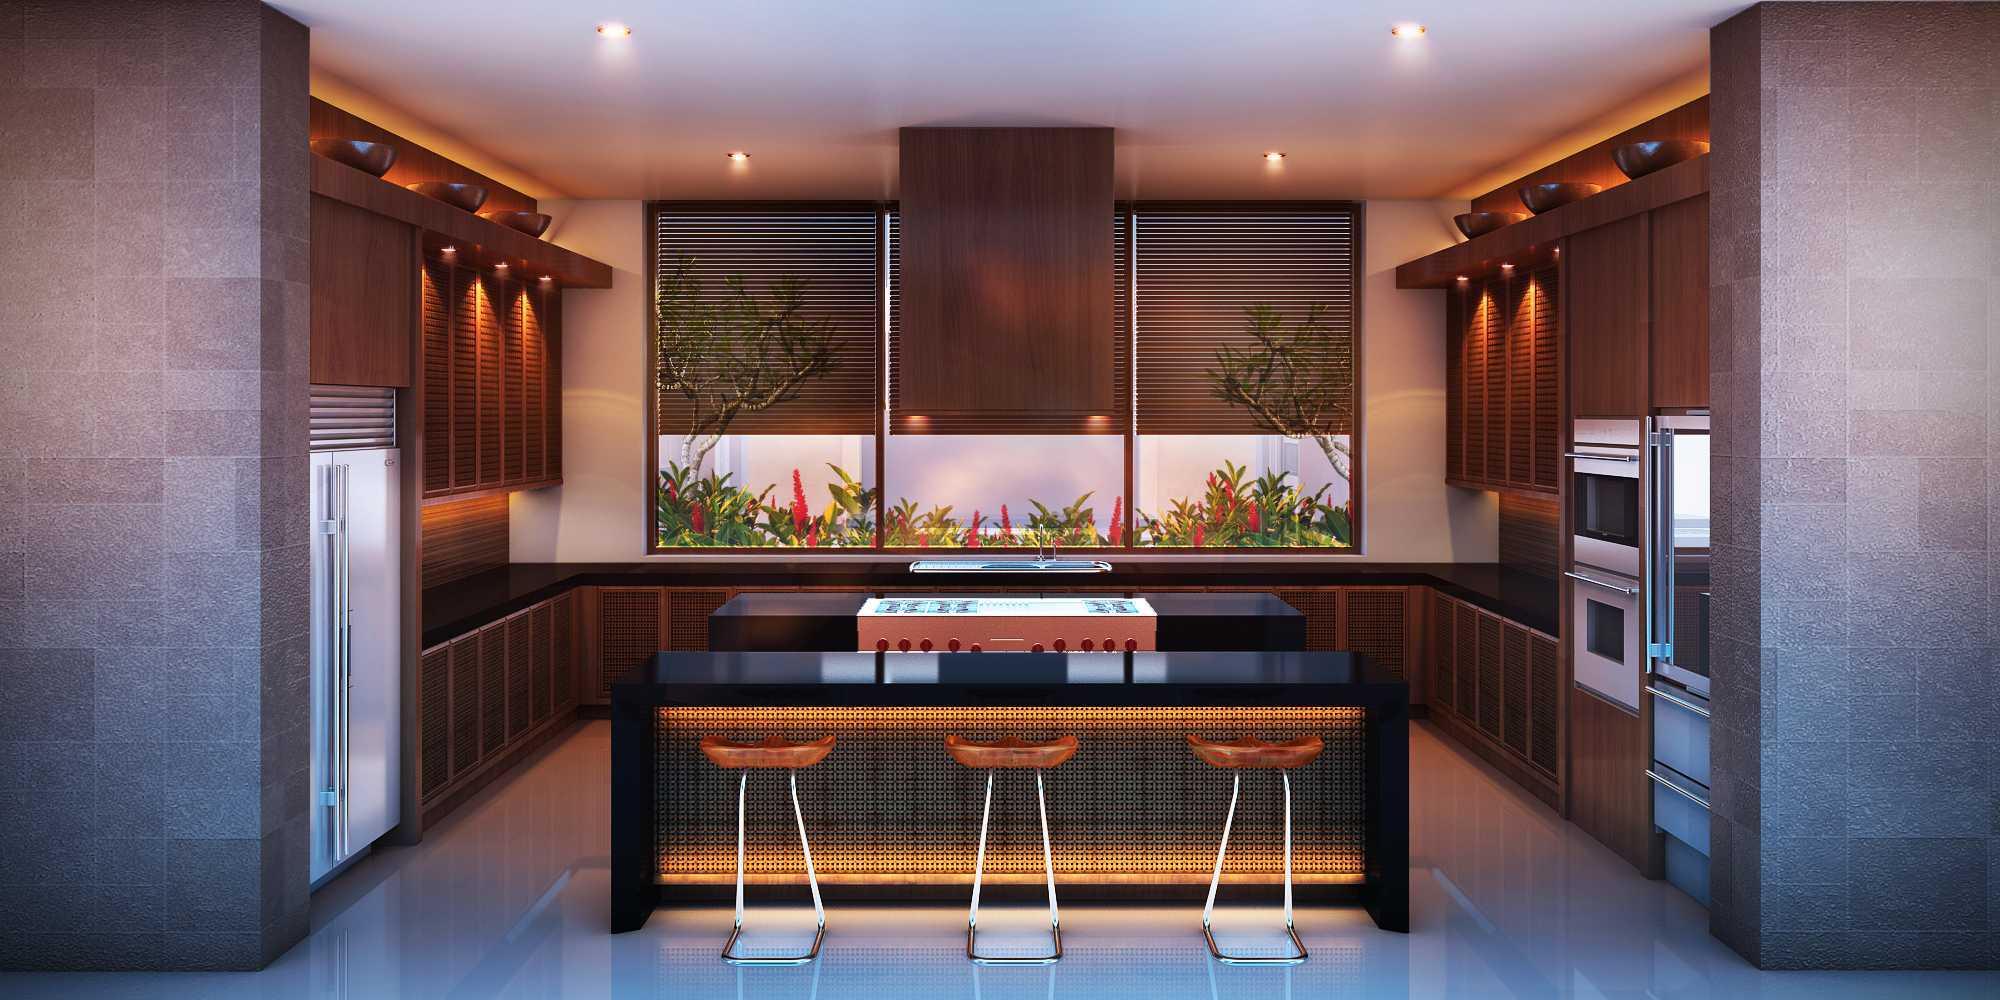 Icds Architect Pejeng Villa Bali Bali Kitchen   13928